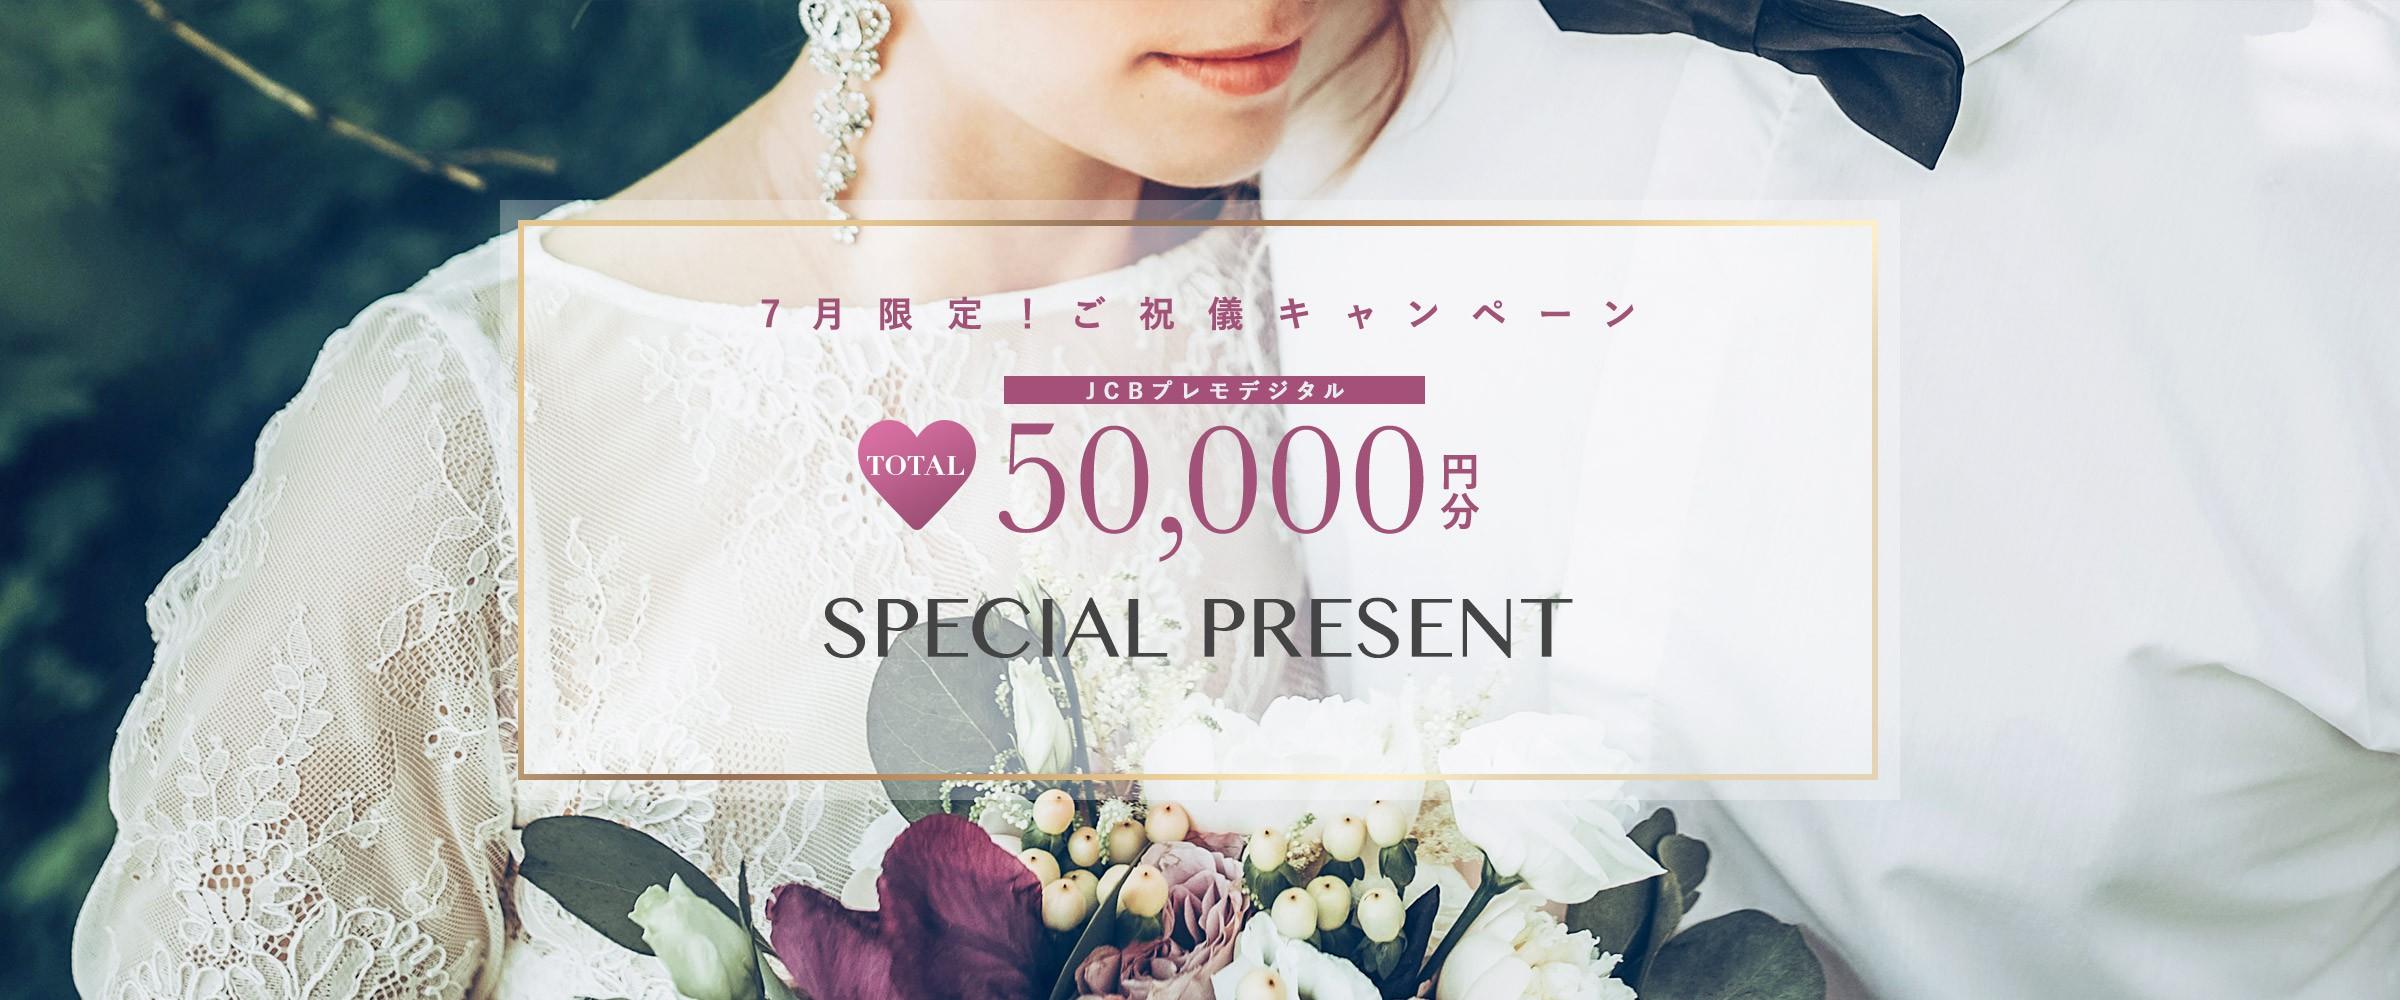 7月限定!ご祝儀キャンペーン最大50,000分JCBプレモデジタルSPECIAL PRESENT